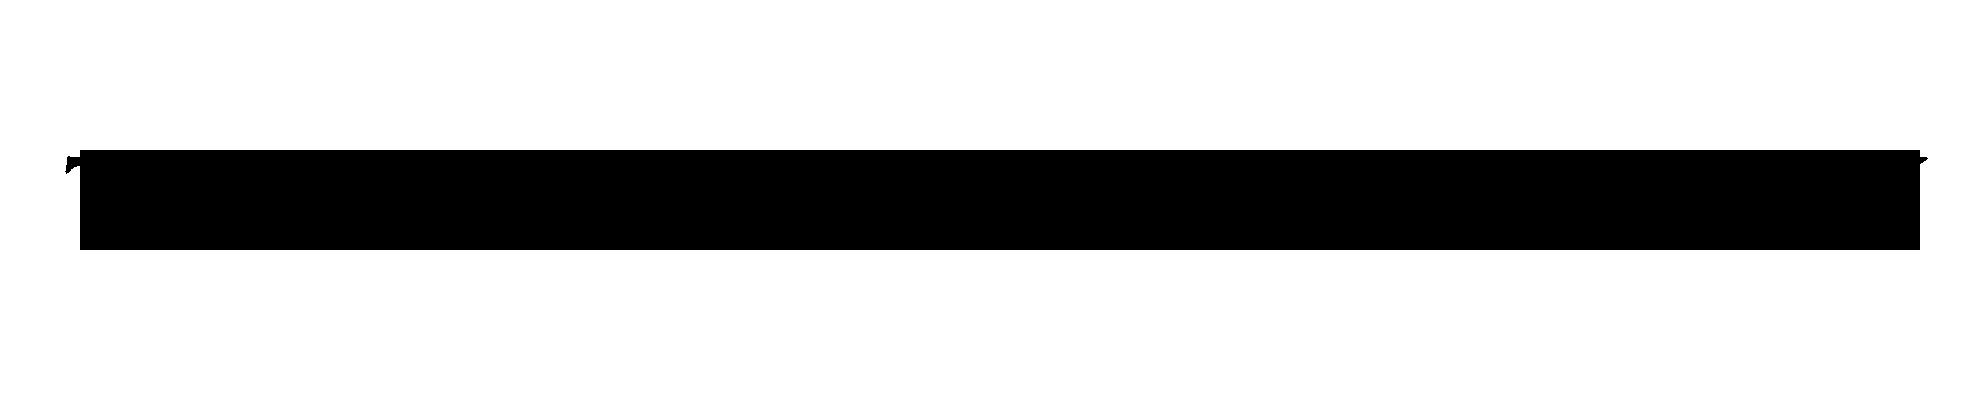 Apalan logo v3